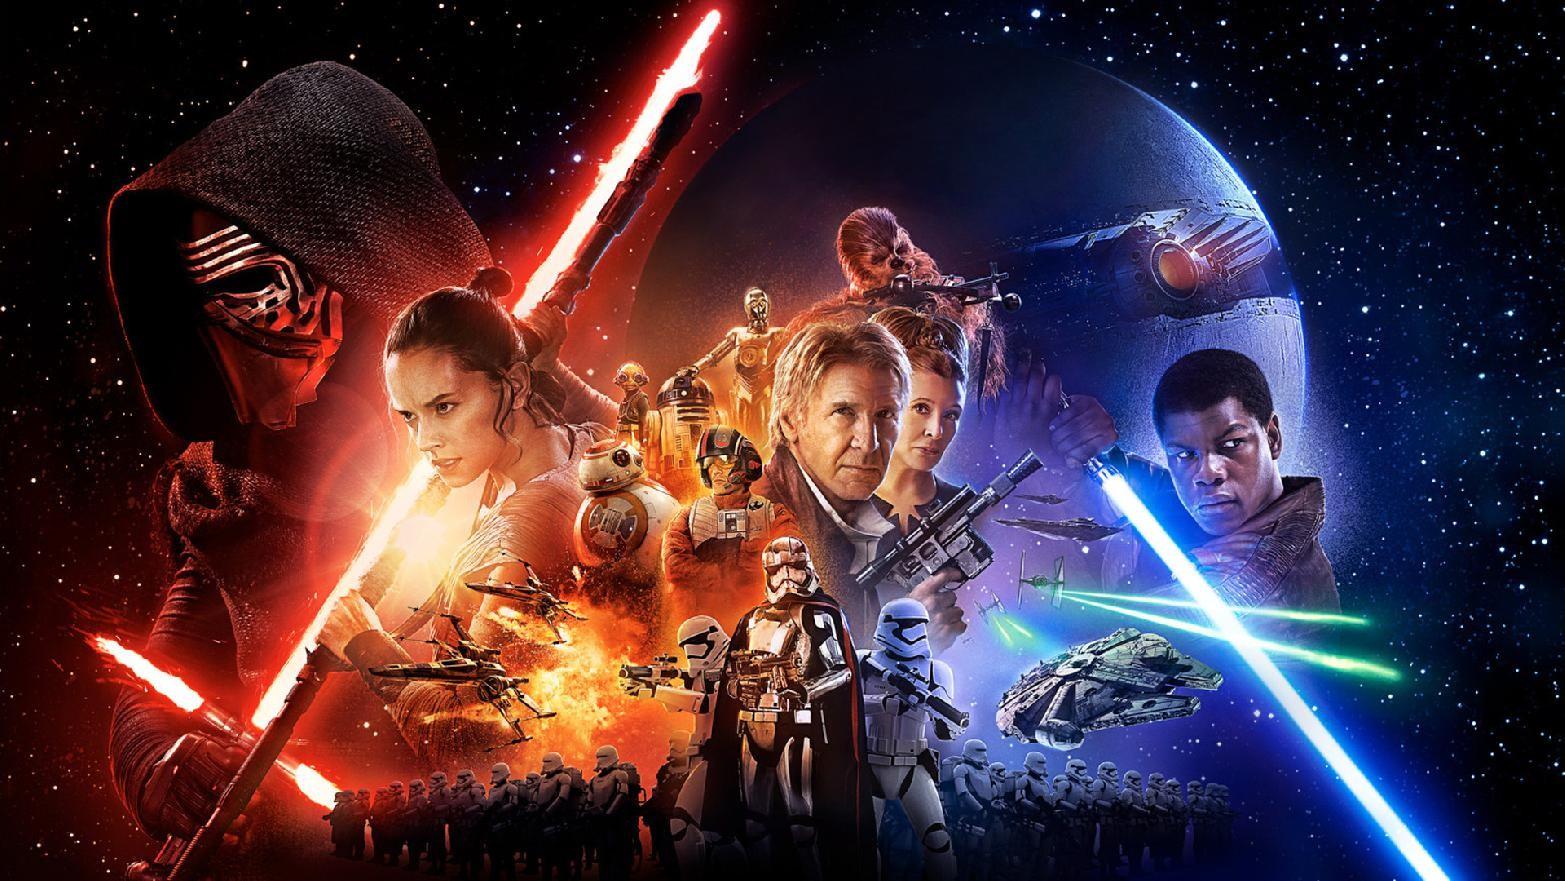 Вглобальной web-сети начали распространяться пиратские копии фильма «Звёздные войны: пробуждение силы»